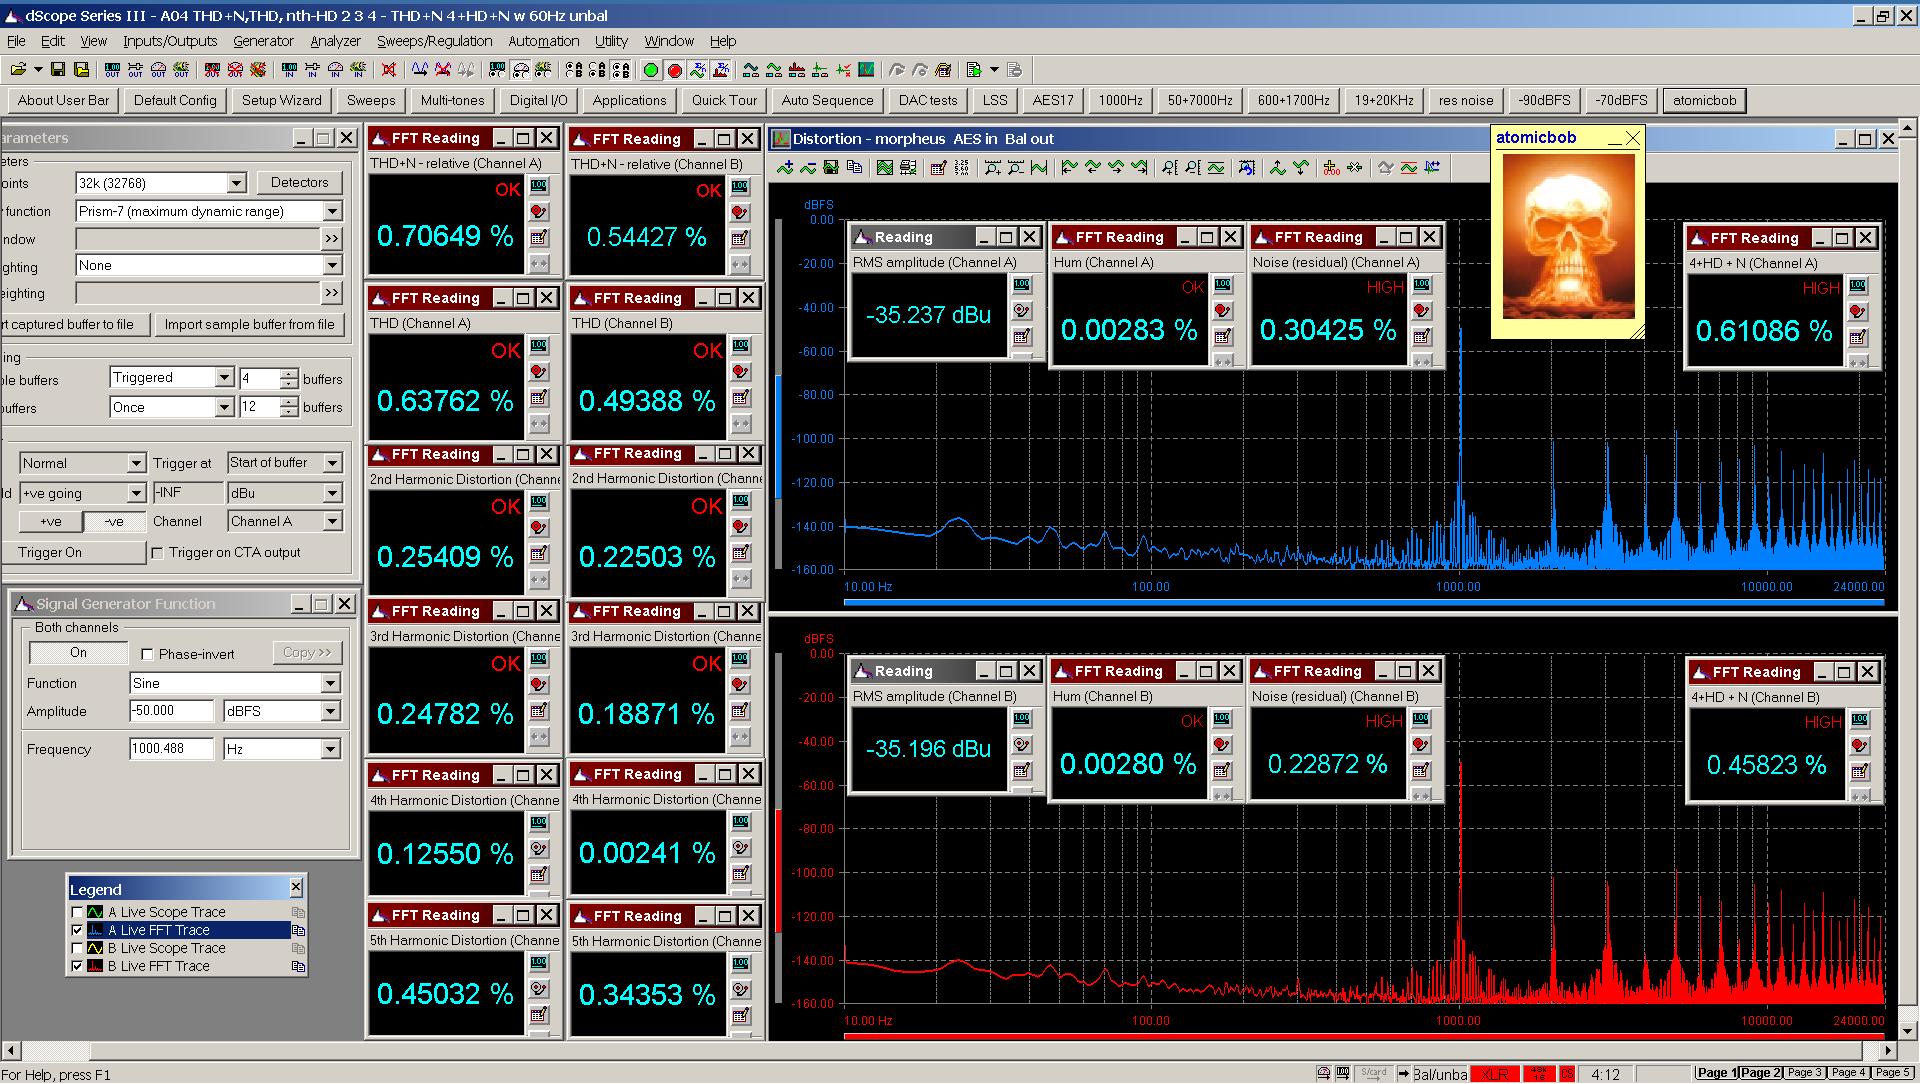 20200723 morpheus A04 THD+N THD nth-HD 4+HD+N 60Hz FFT Bal -50dBFS - AES.png